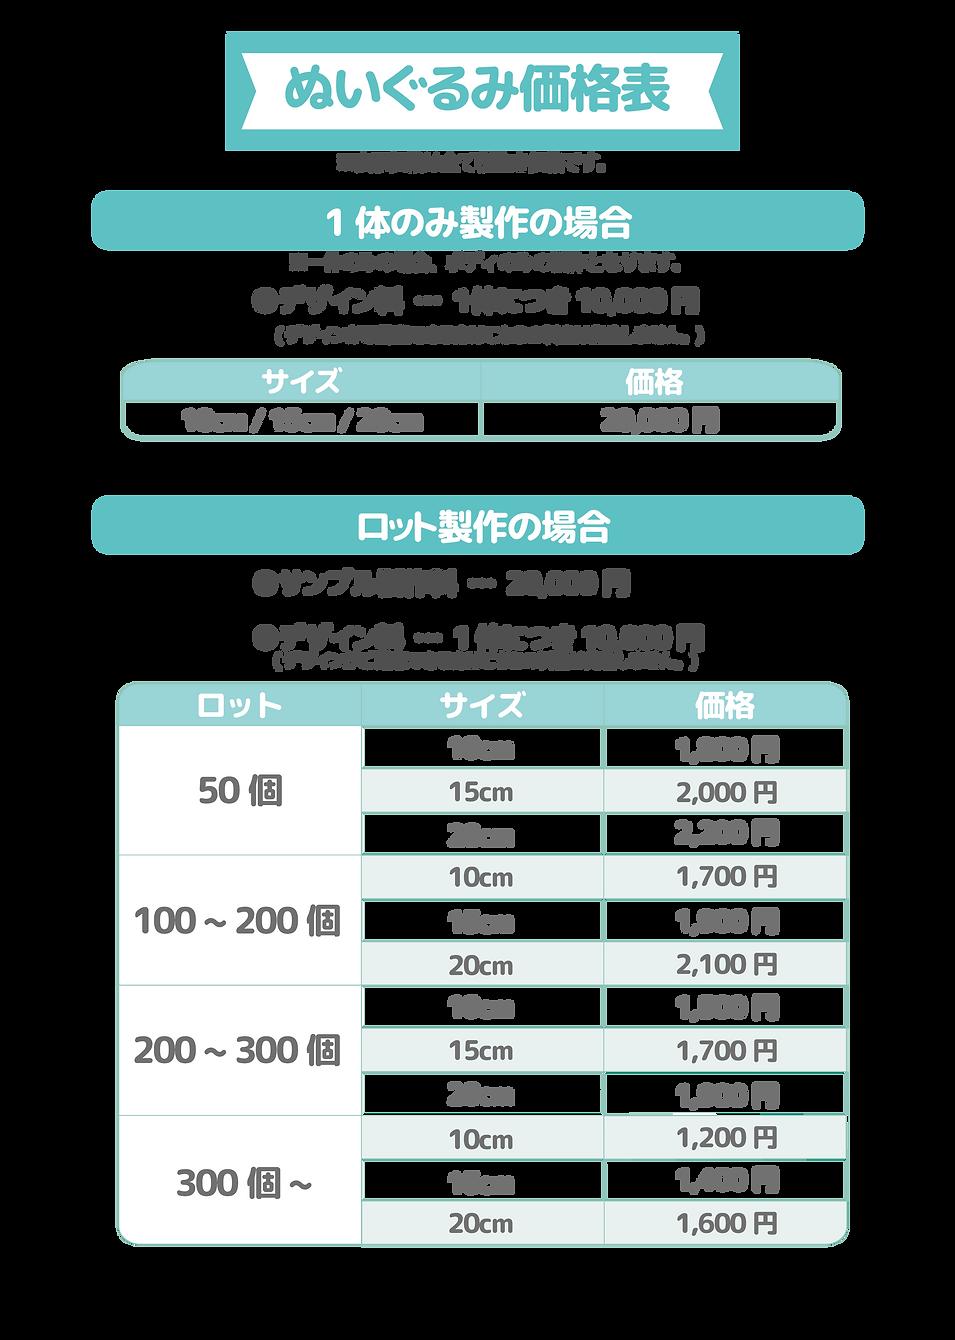 ぬいぐるみ製作サービス資料-02.png